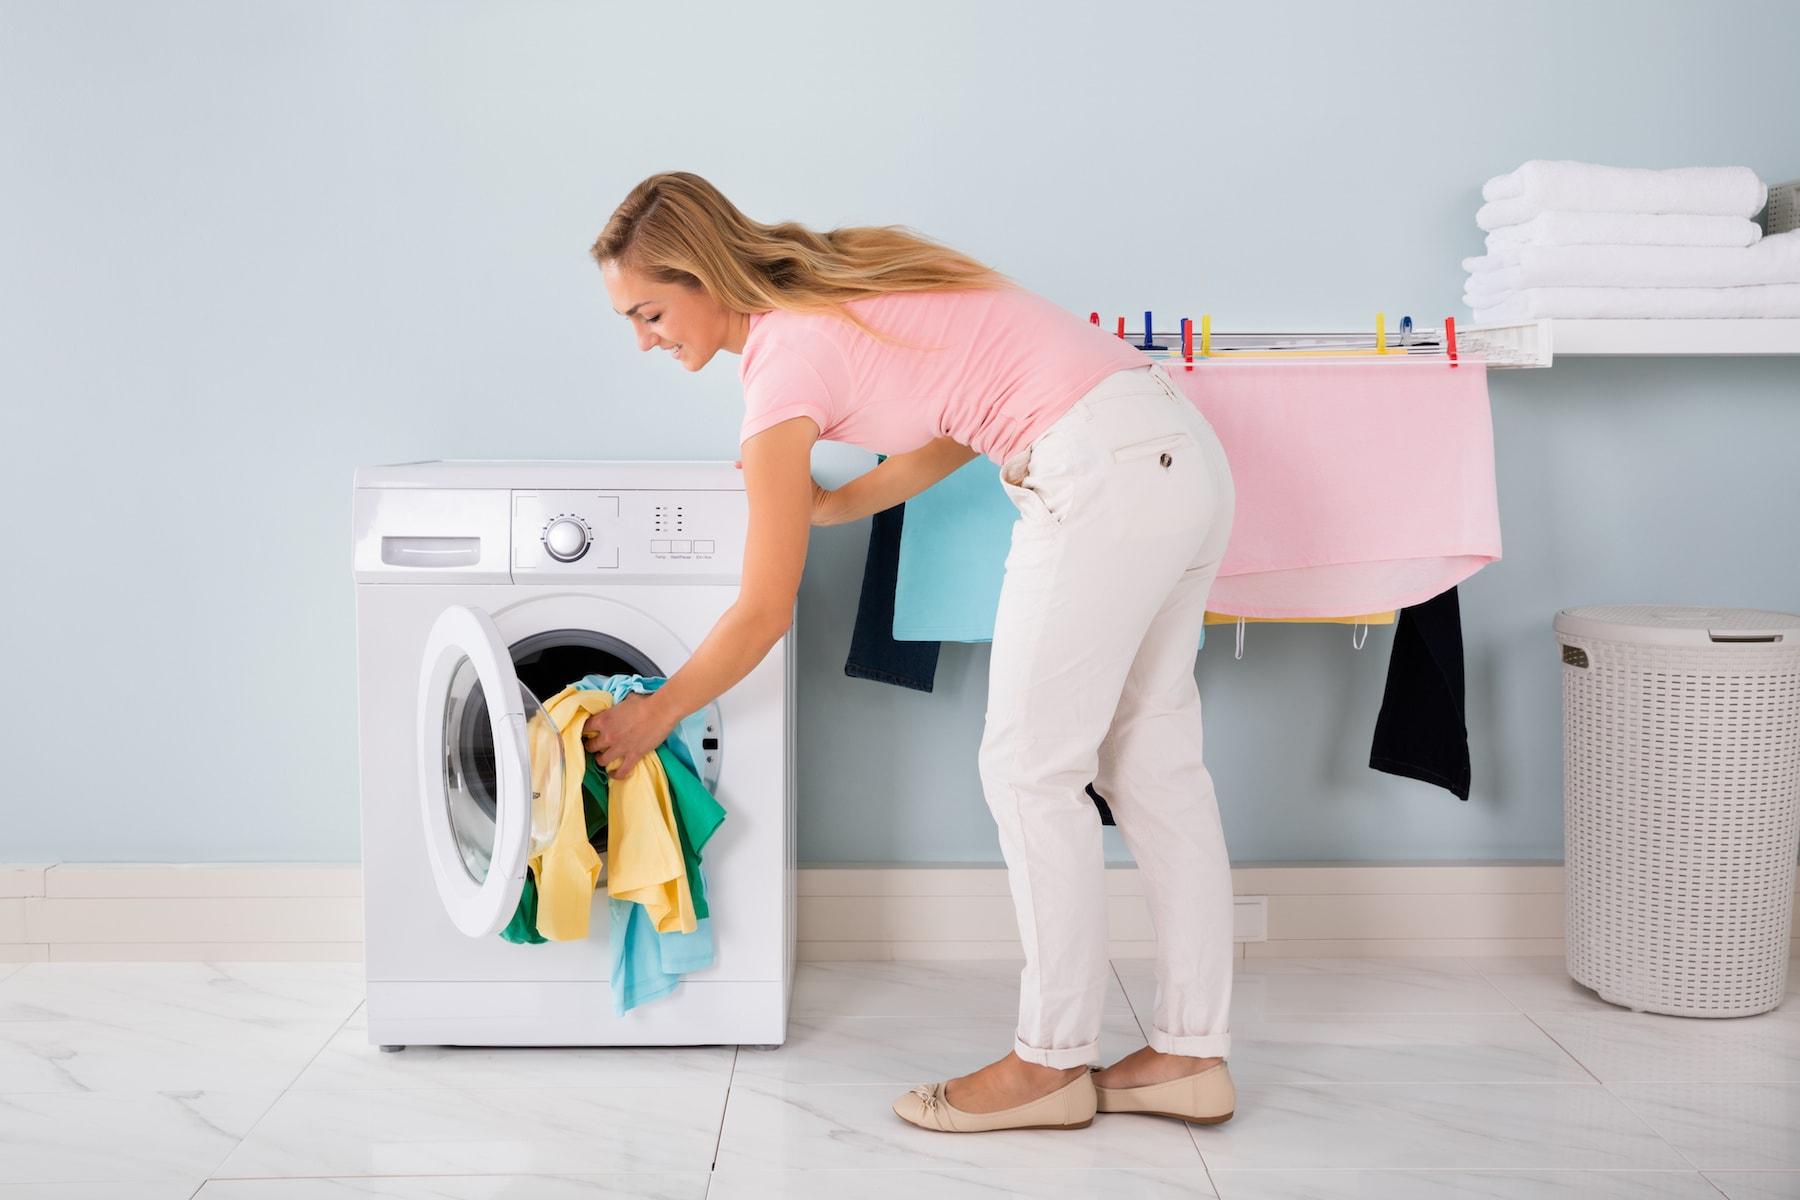 洗濯乾燥機を使う女性